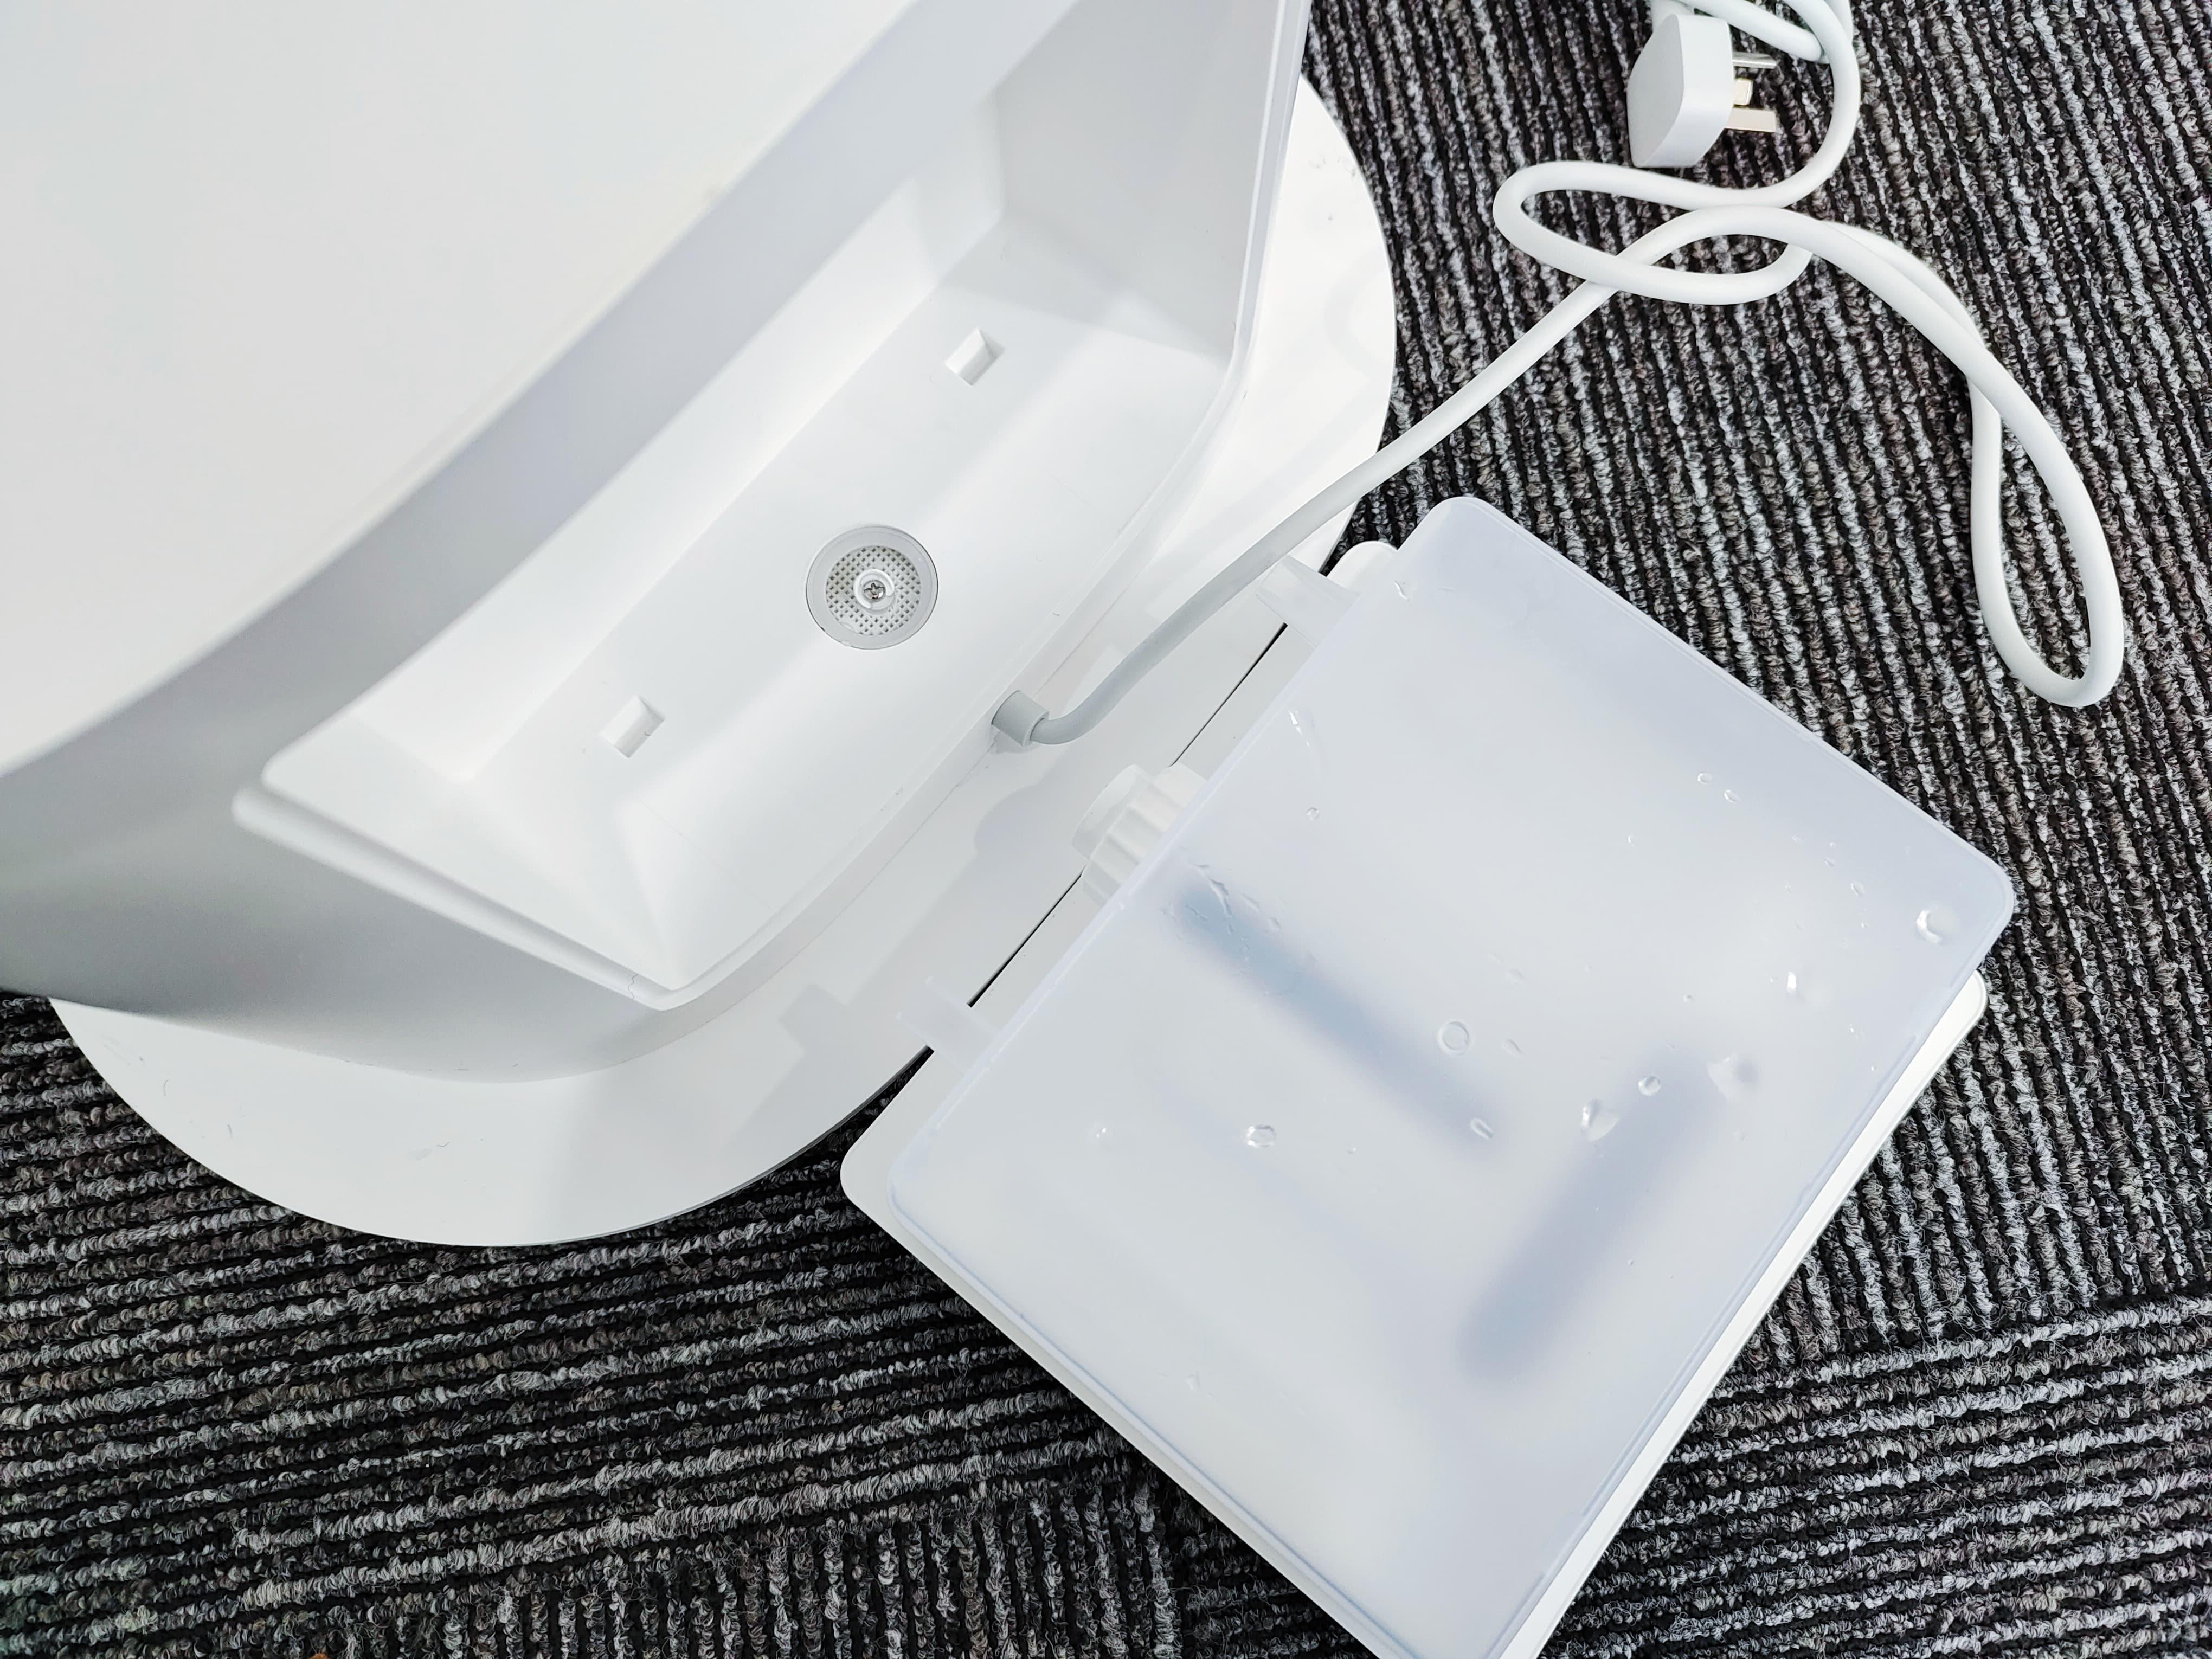 米家增压蒸汽挂烫机开箱:熨平生活里的褶皱